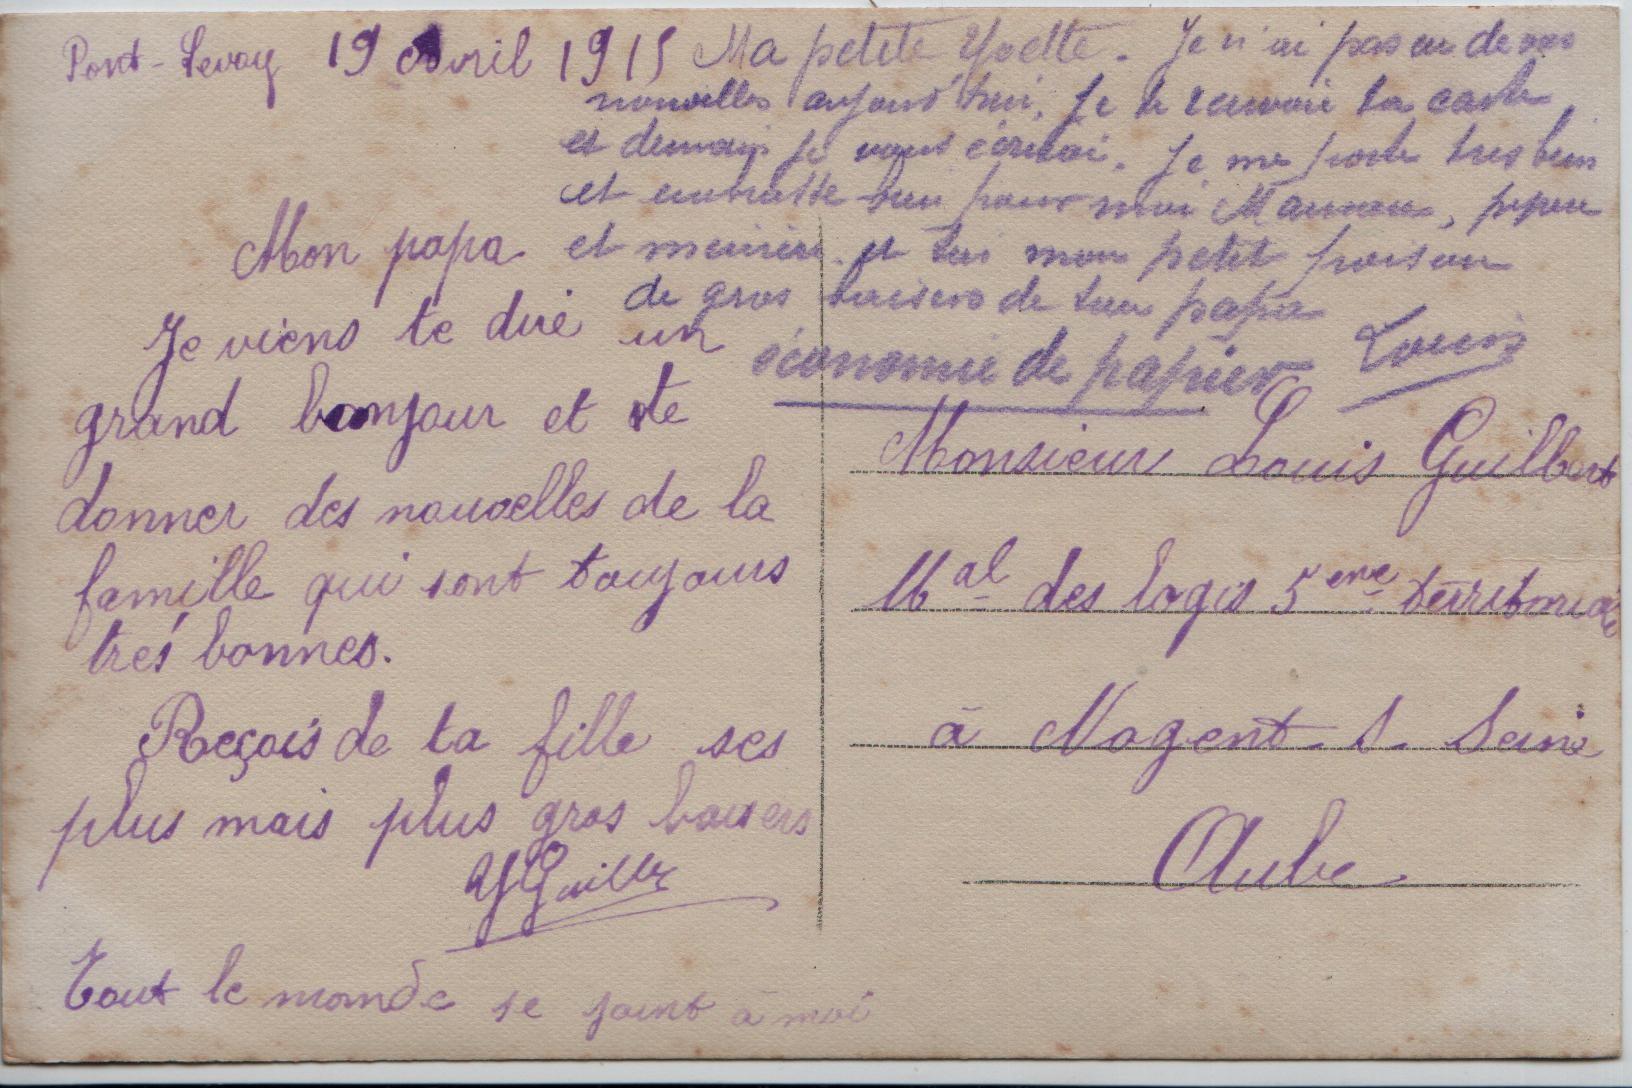 19. Pont-Levoy 19.4.1915